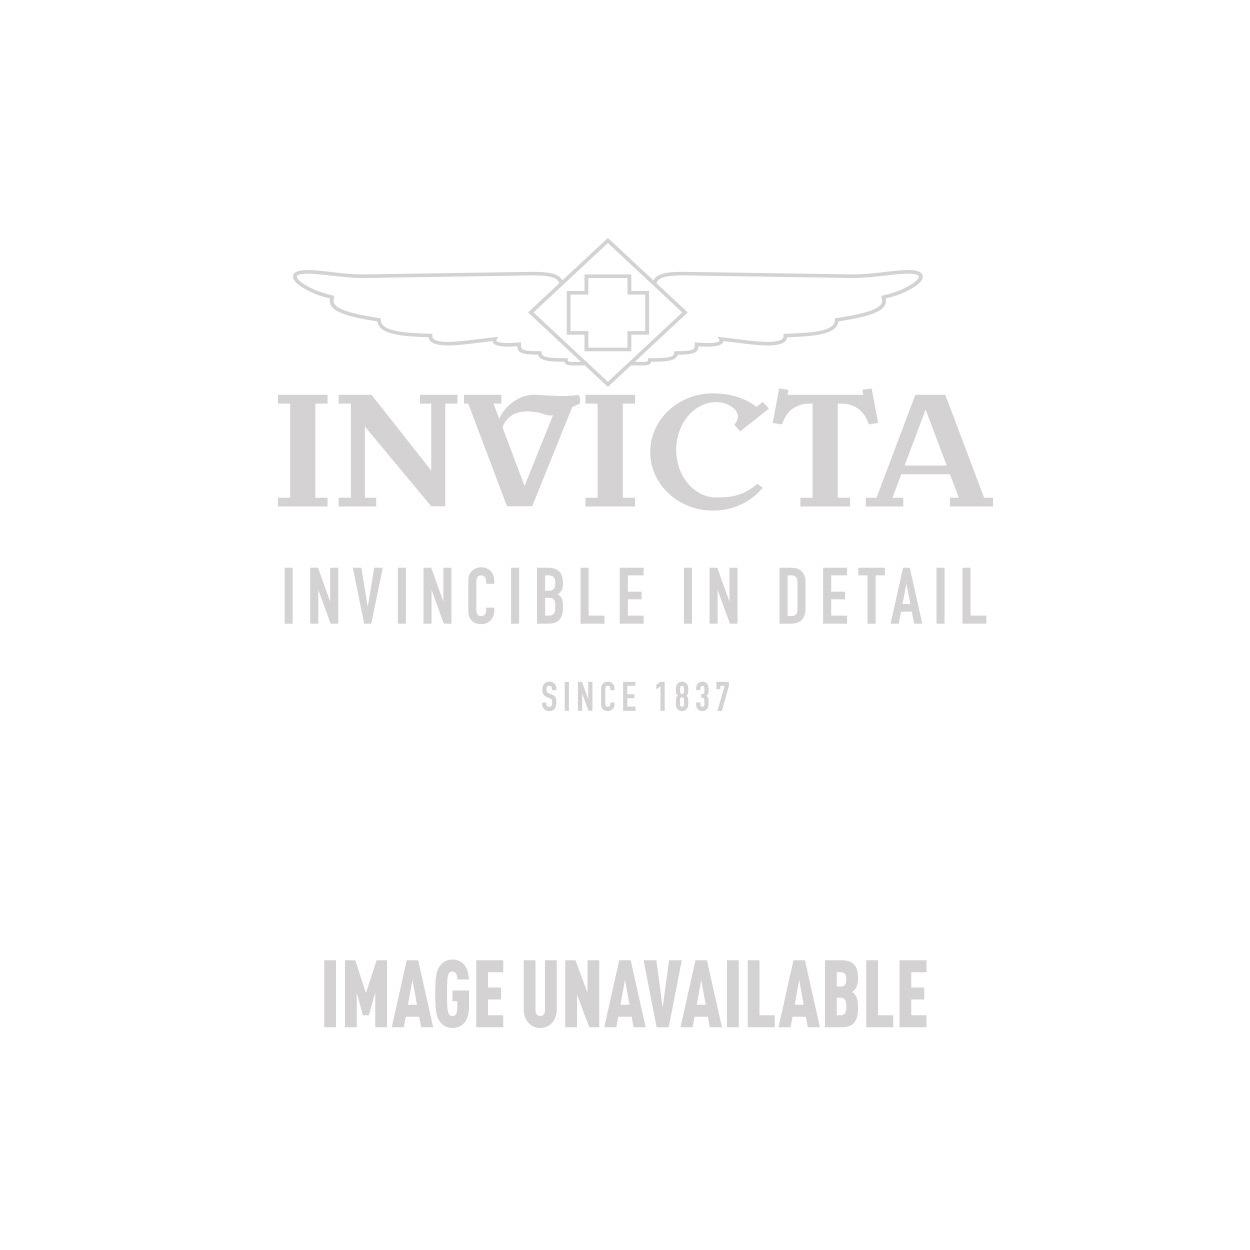 Invicta Sea Hunter  Quartz Watch - Gold case with Black tone Polyurethane band - Model 1987